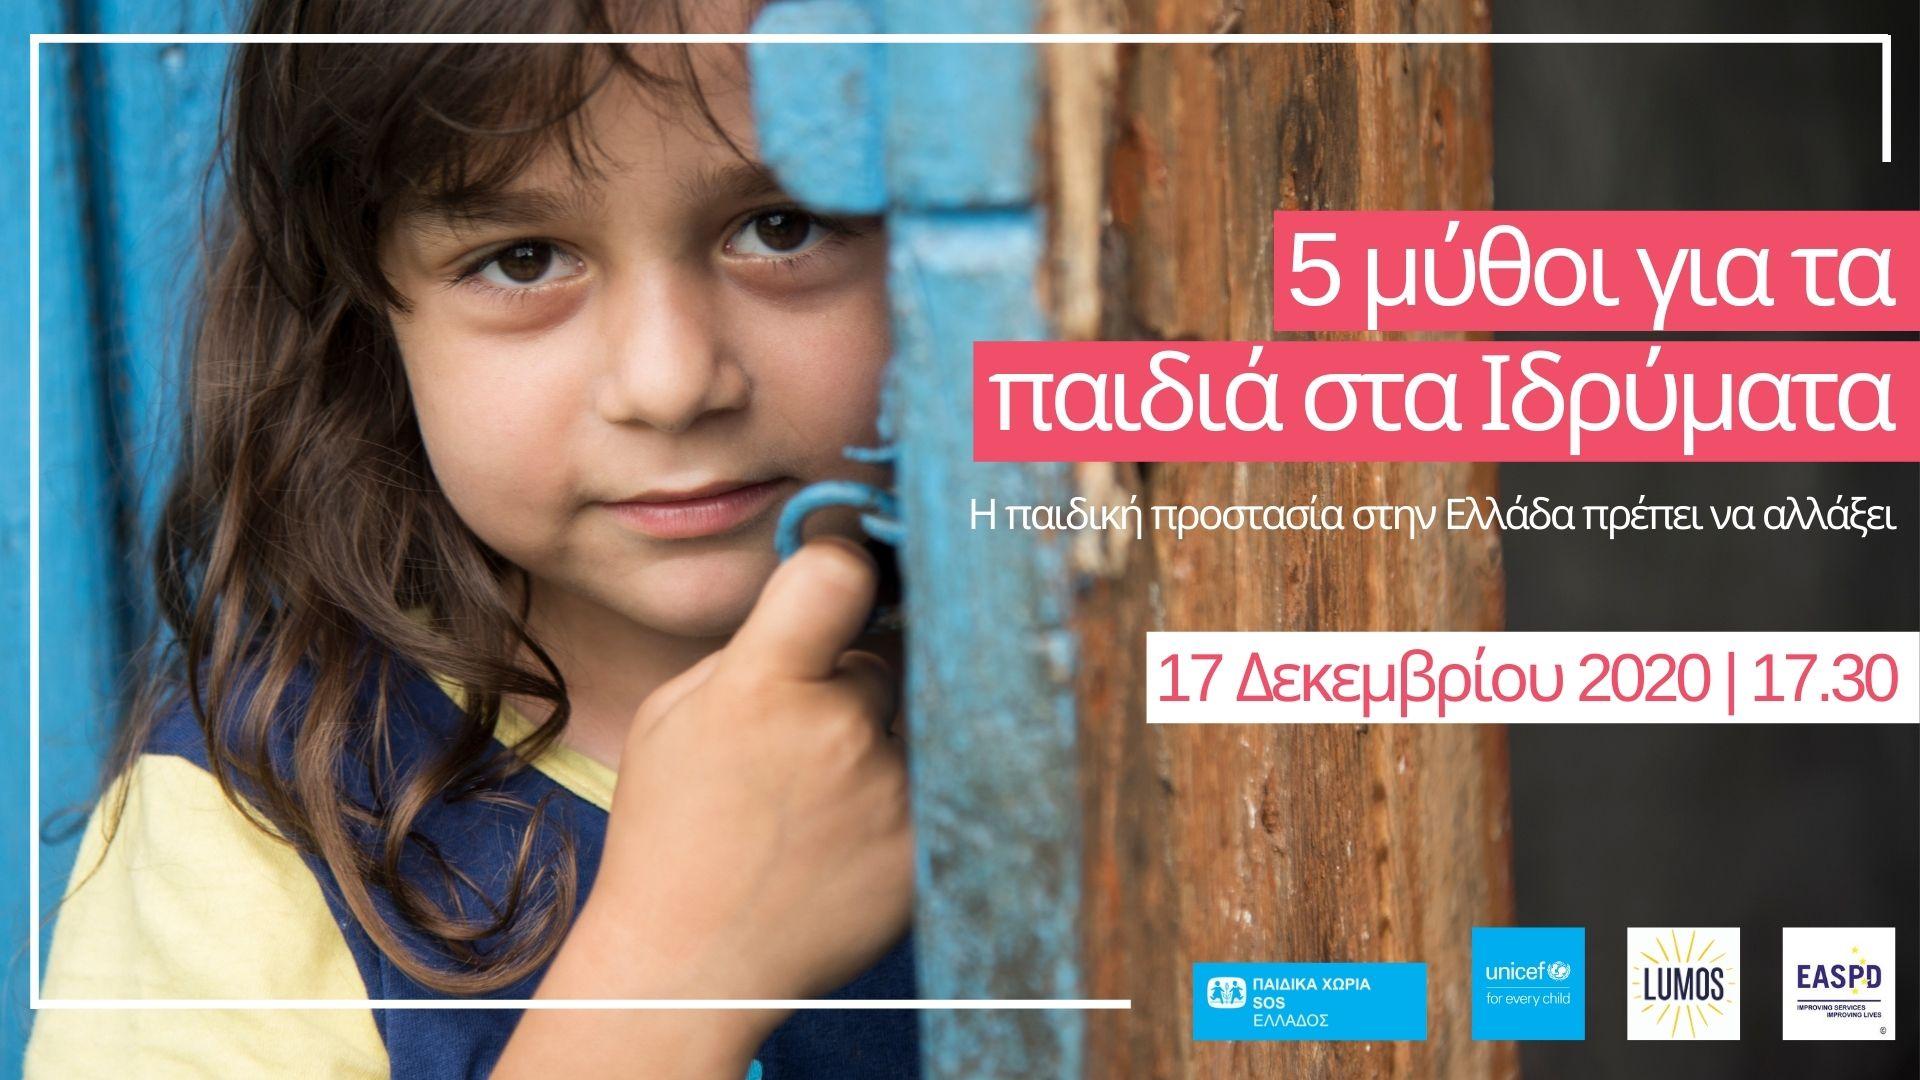 5 Μύθοι για τα Παιδιά στα Ιδρύματα